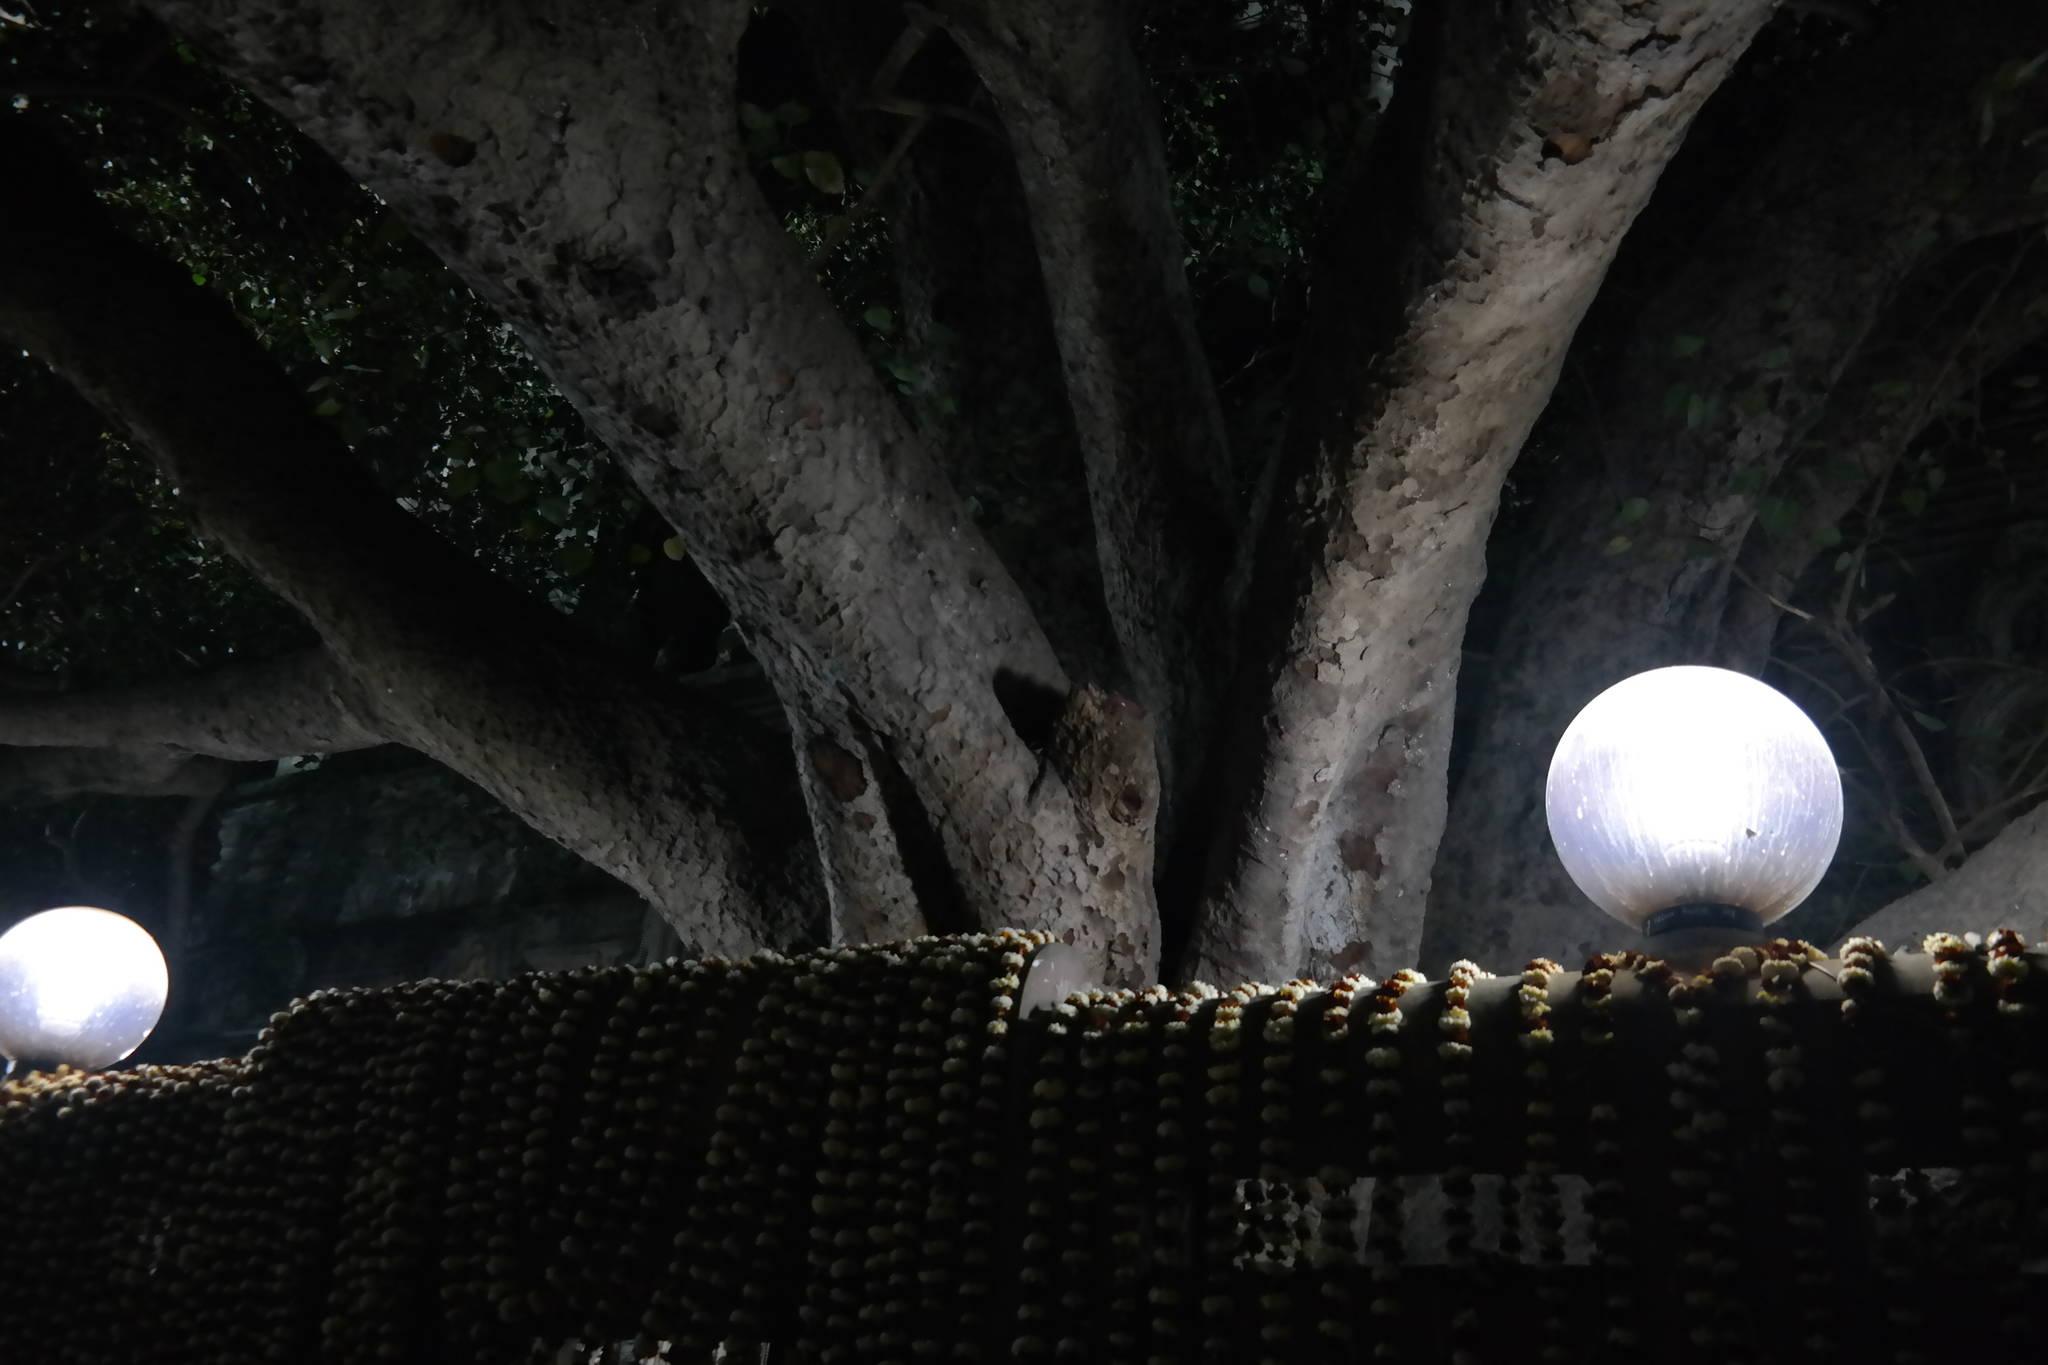 인도 북부의 보드가야에 있는 붓다의 보리수. 싯다르타는 이 보리수 아래에 앉아서 명상에 들었다. 주위 난간 위에 순례객들이 두고간 꽃목걸이가 줄지어 걸려 있다. 백성호 기자